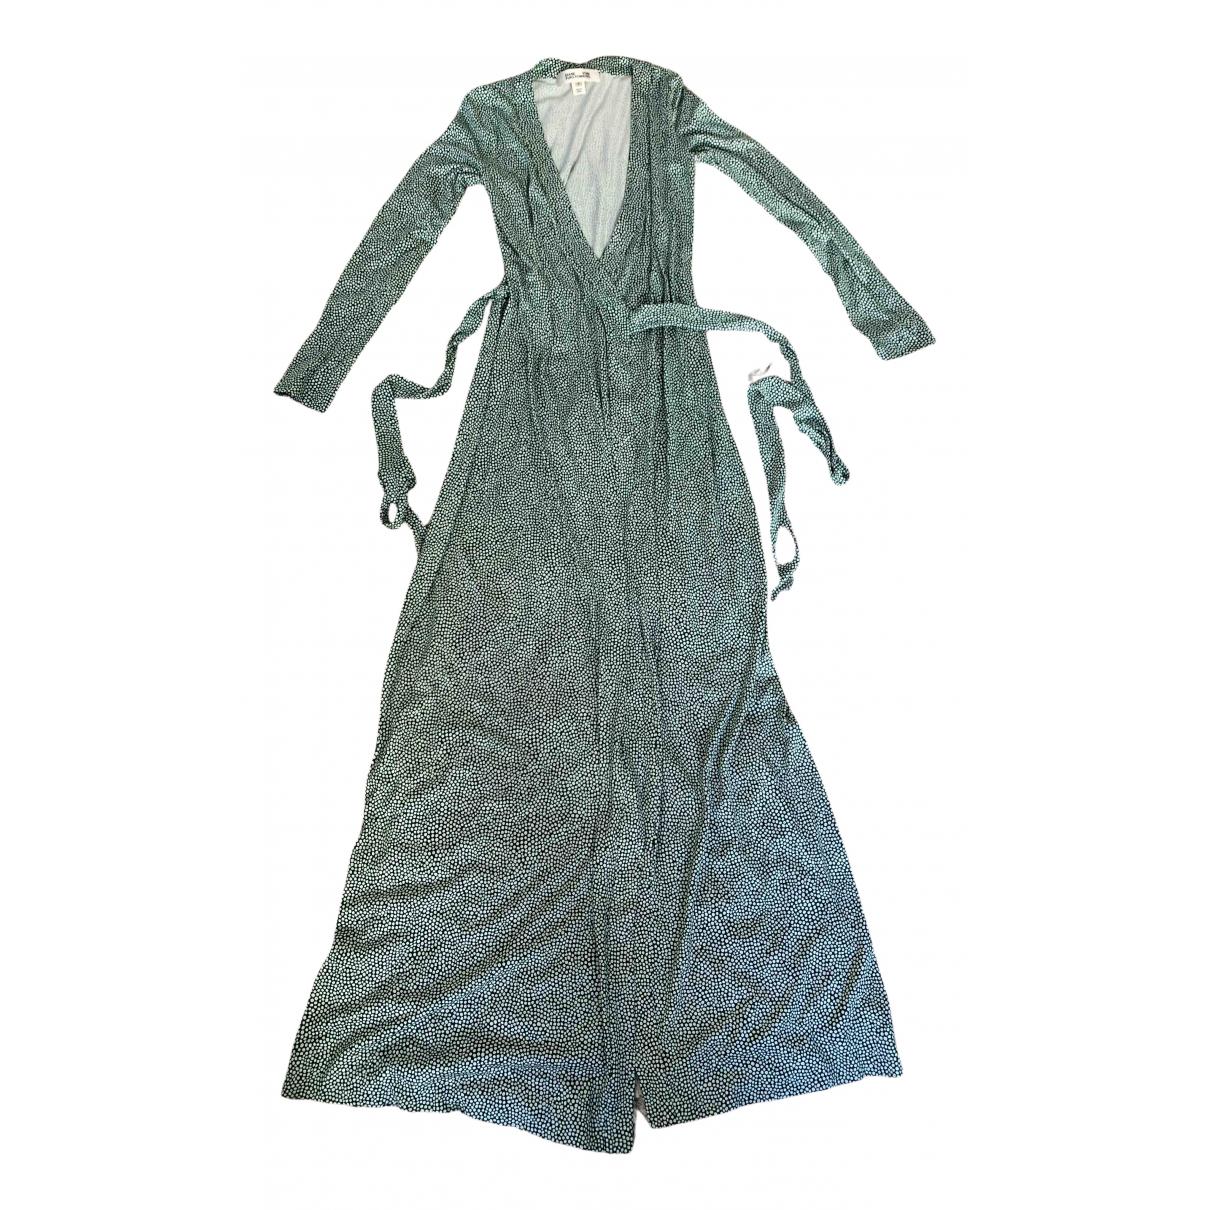 Diane Von Furstenberg N Green Silk dress for Women 6 US